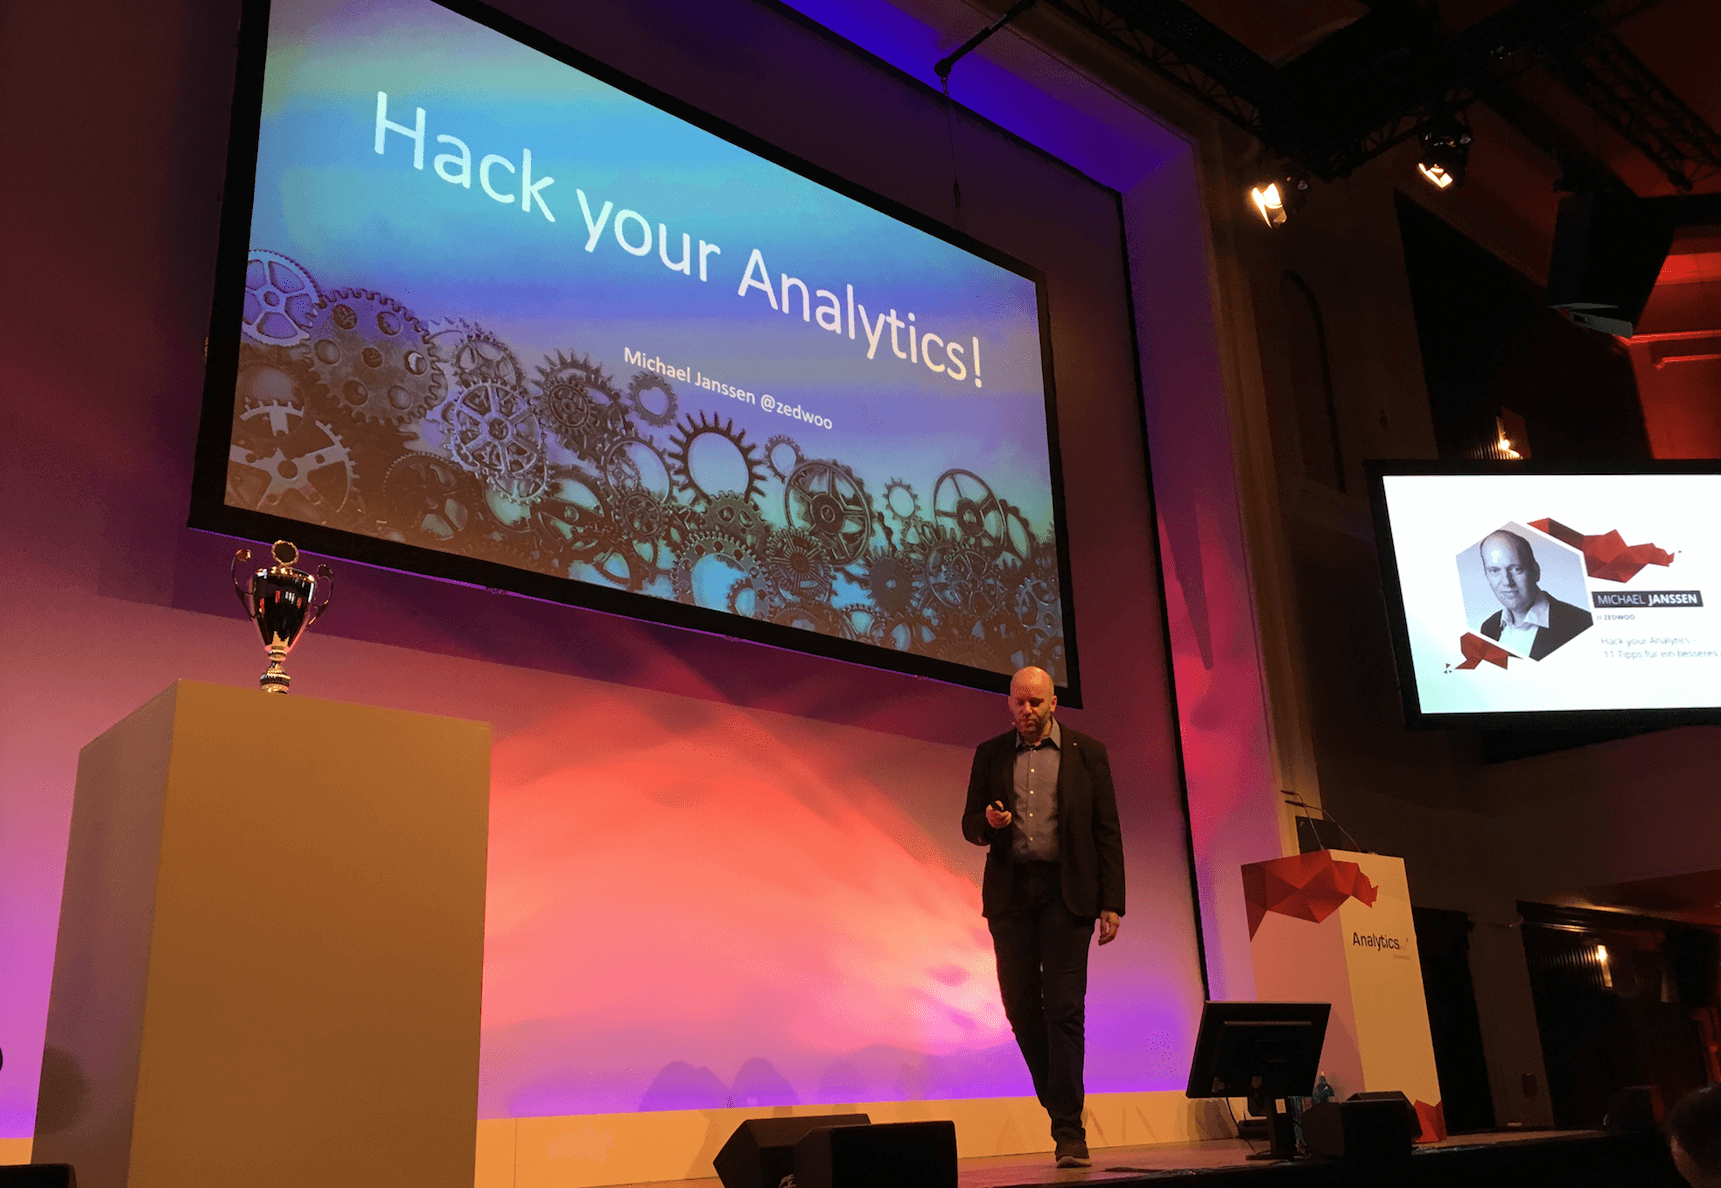 janssen-neu Trakken Google Analytics Summit Attributionsmodellierung Attribution